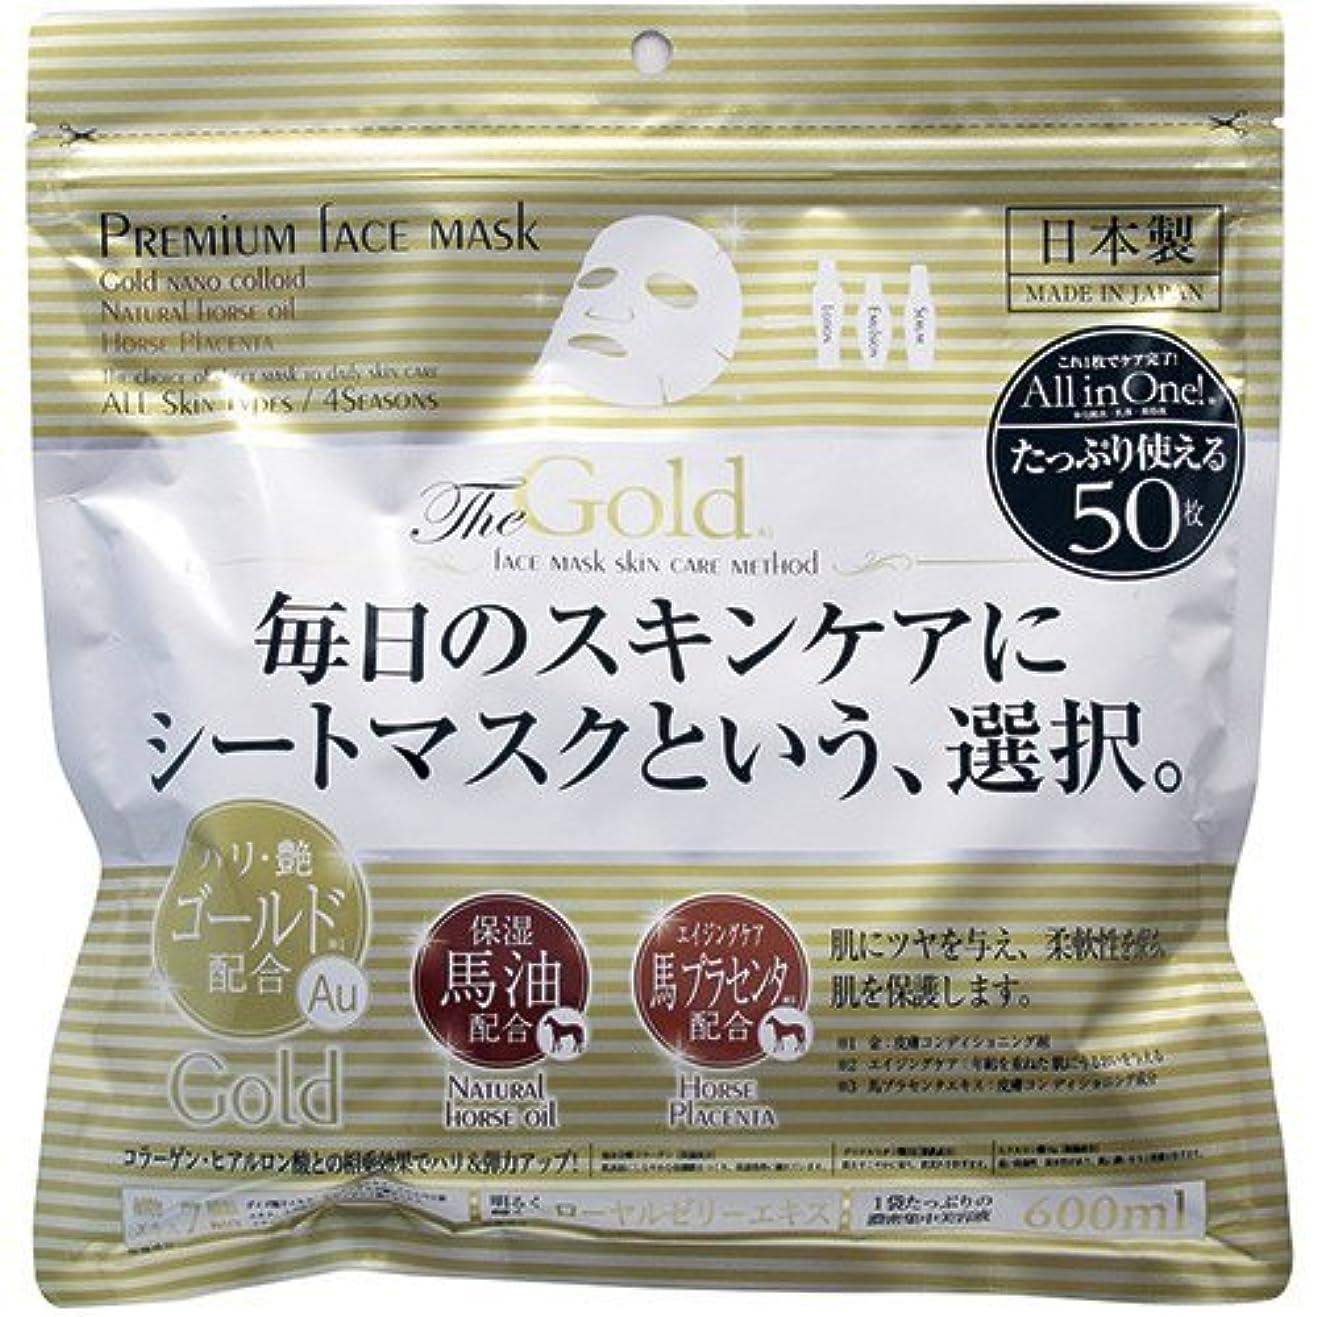 犬共和党ヘビ【進製作所】プレミアムフェイスマスク ゴールド 50枚 ×3個セット